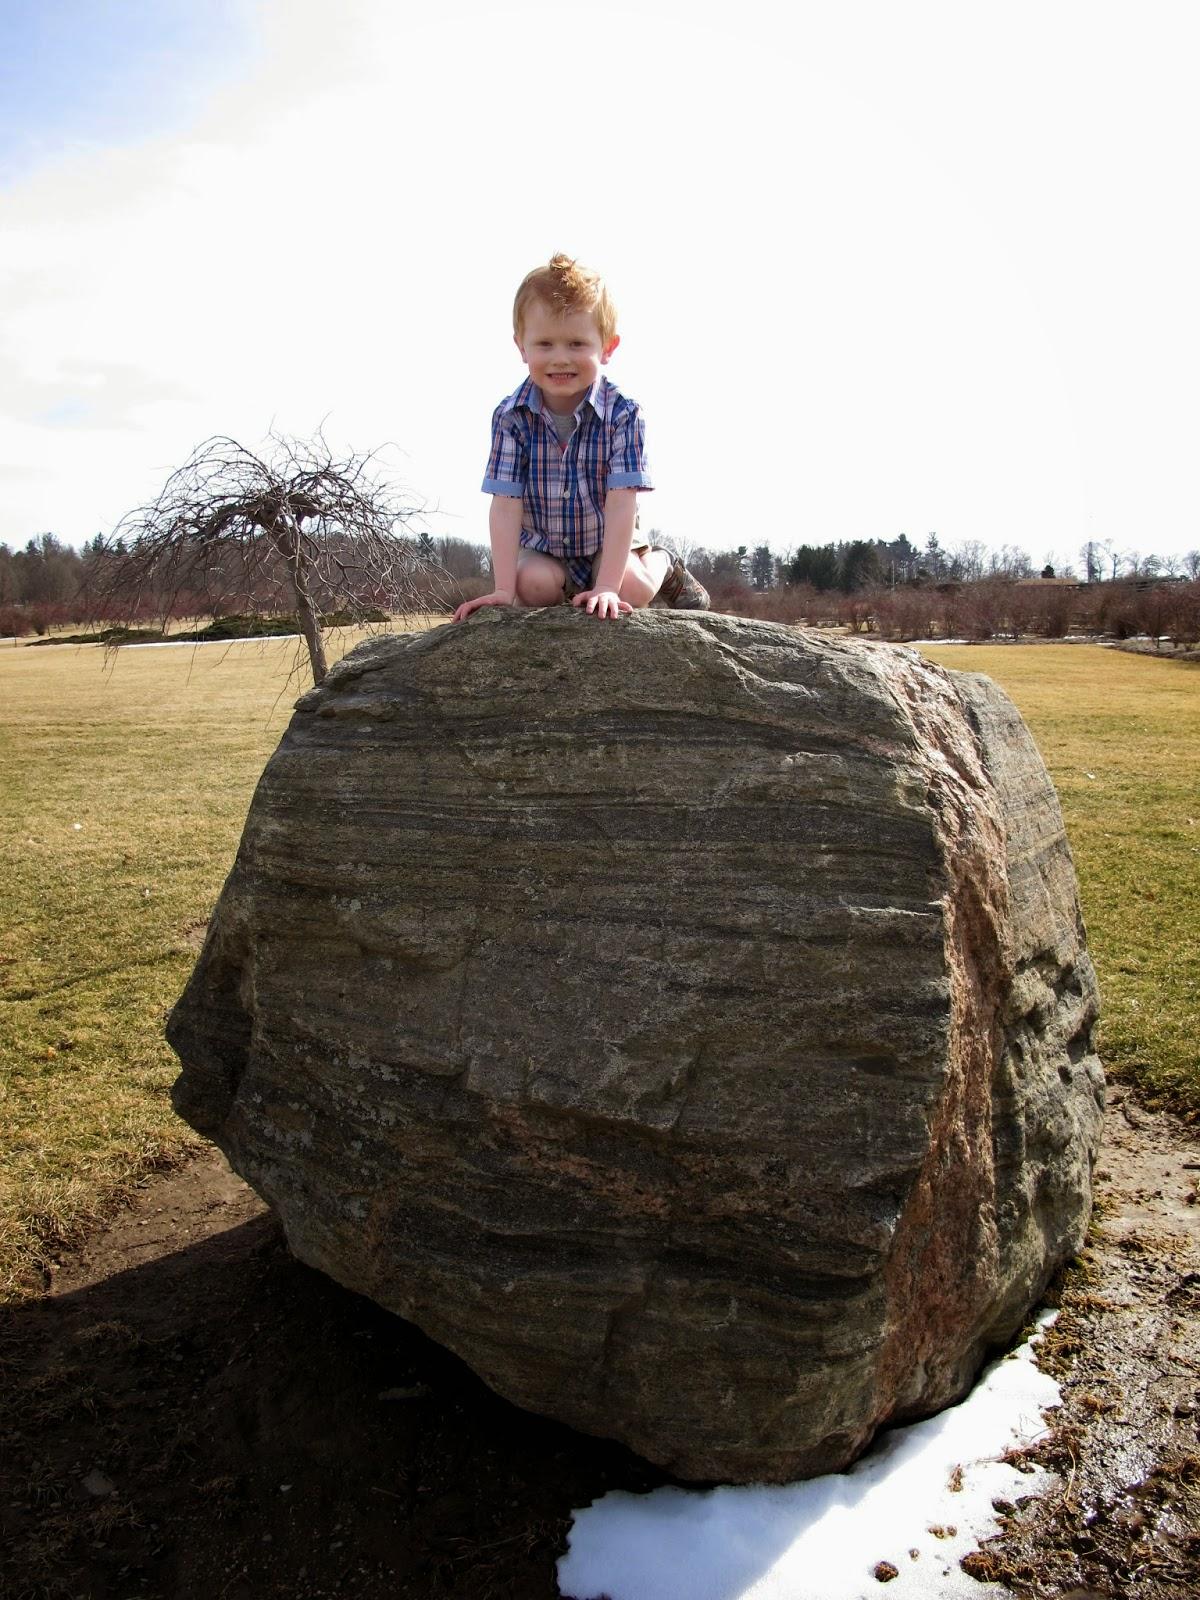 Rock Climbing Porter